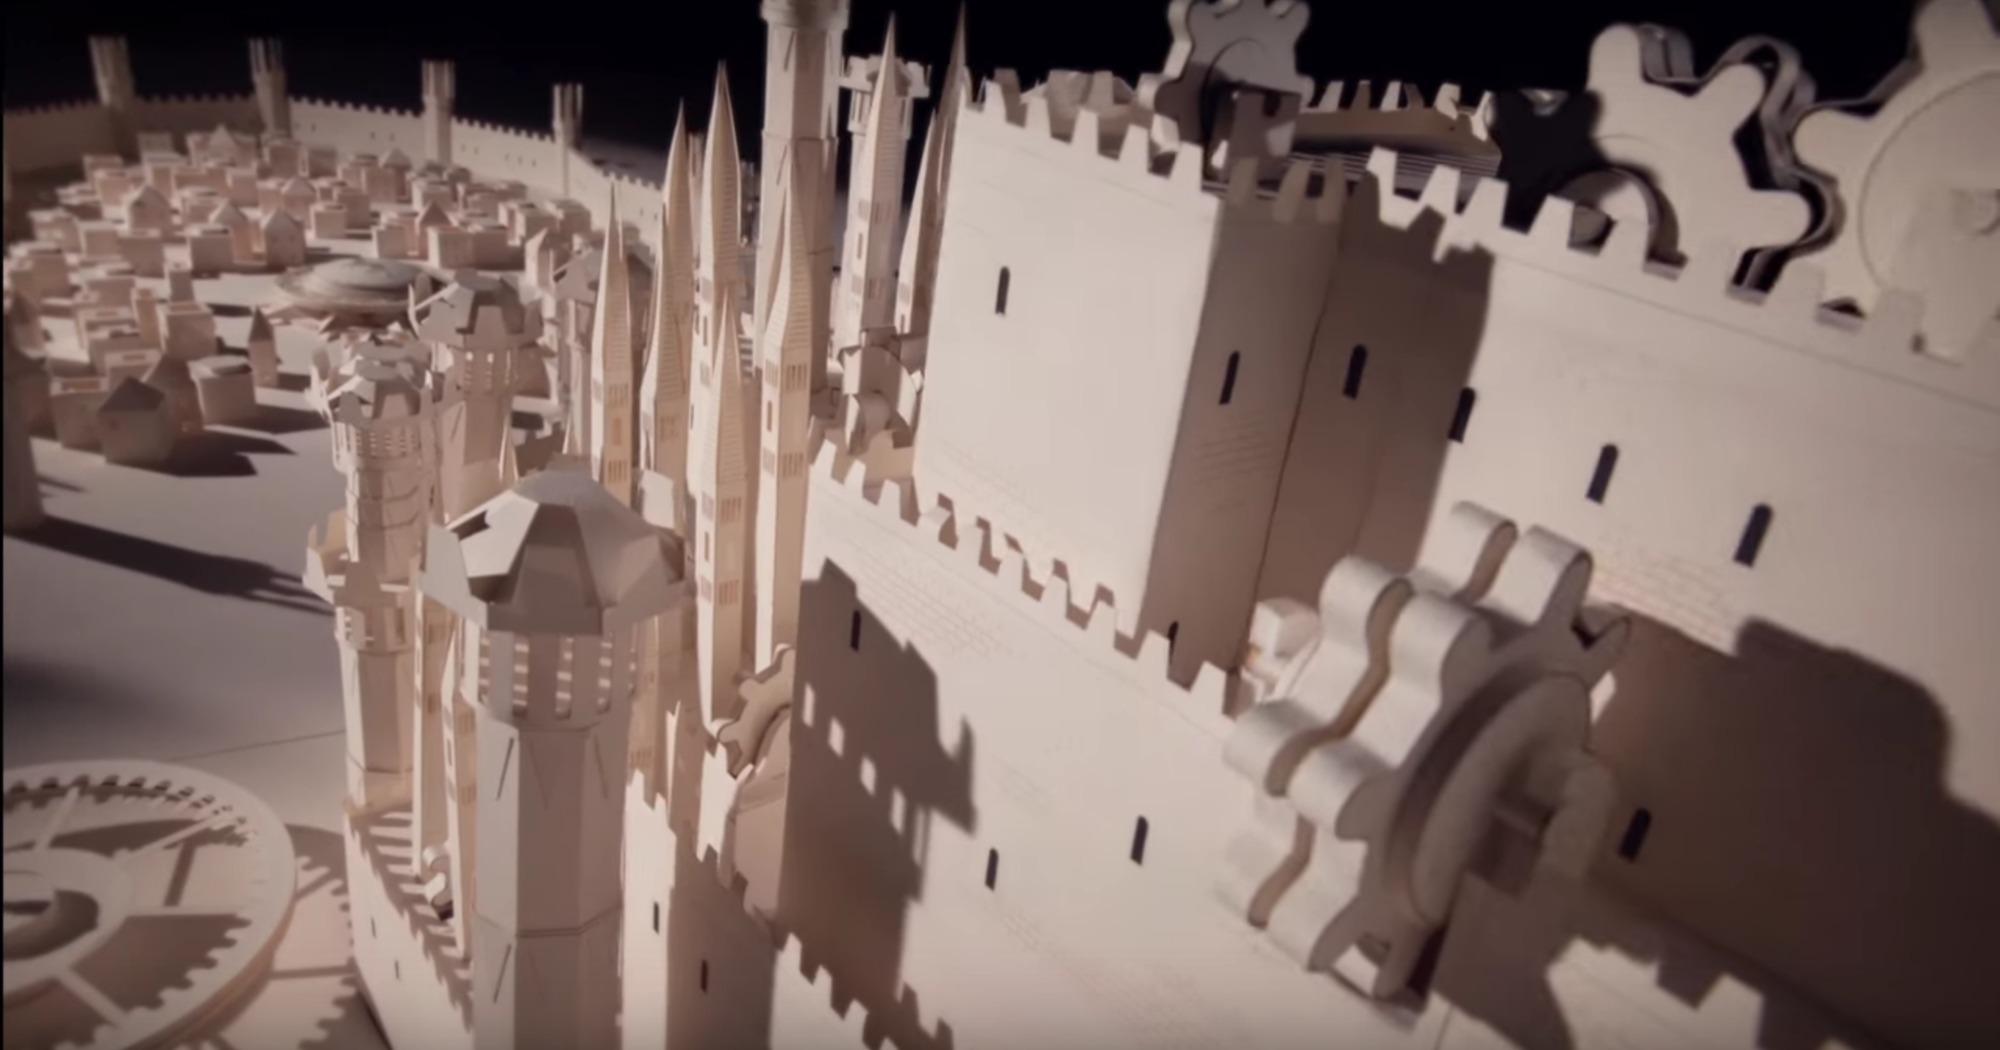 Moleskine recrea la intro de Game of Thrones con maquetas de papel